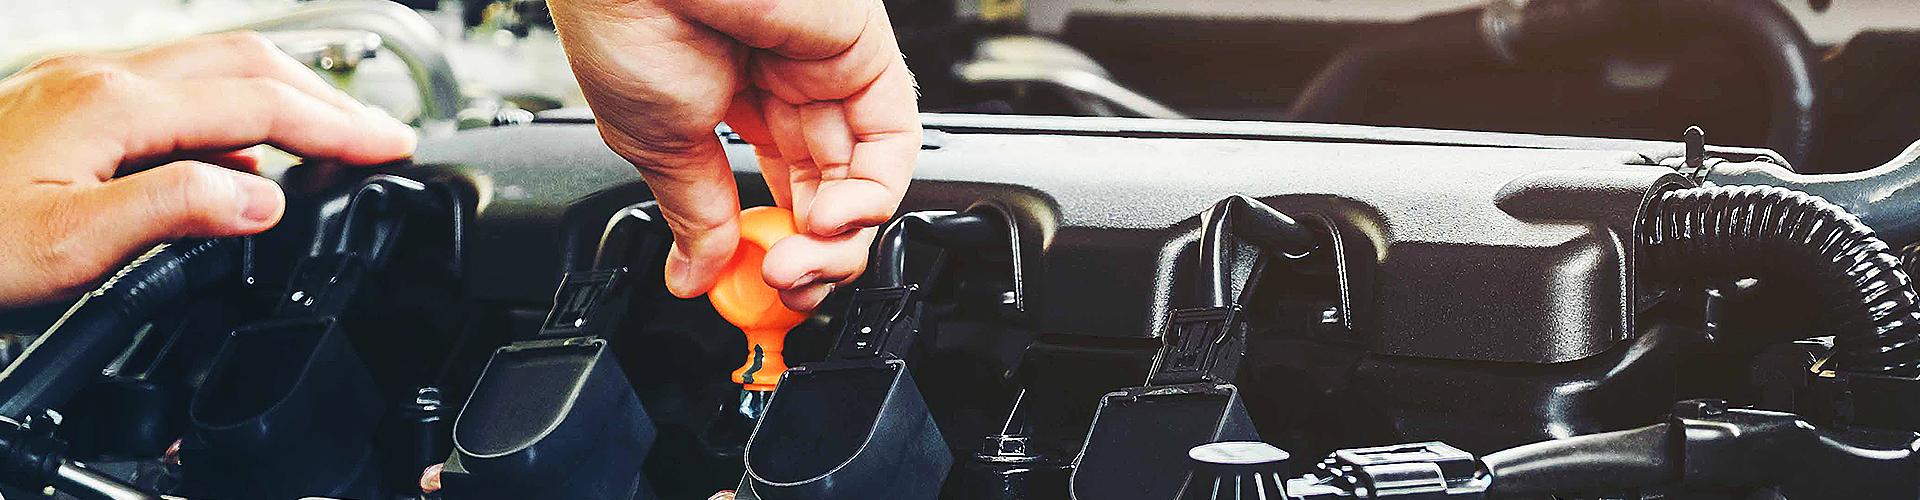 У автомобиля должно быть простое обслуживание и доступные запчасти